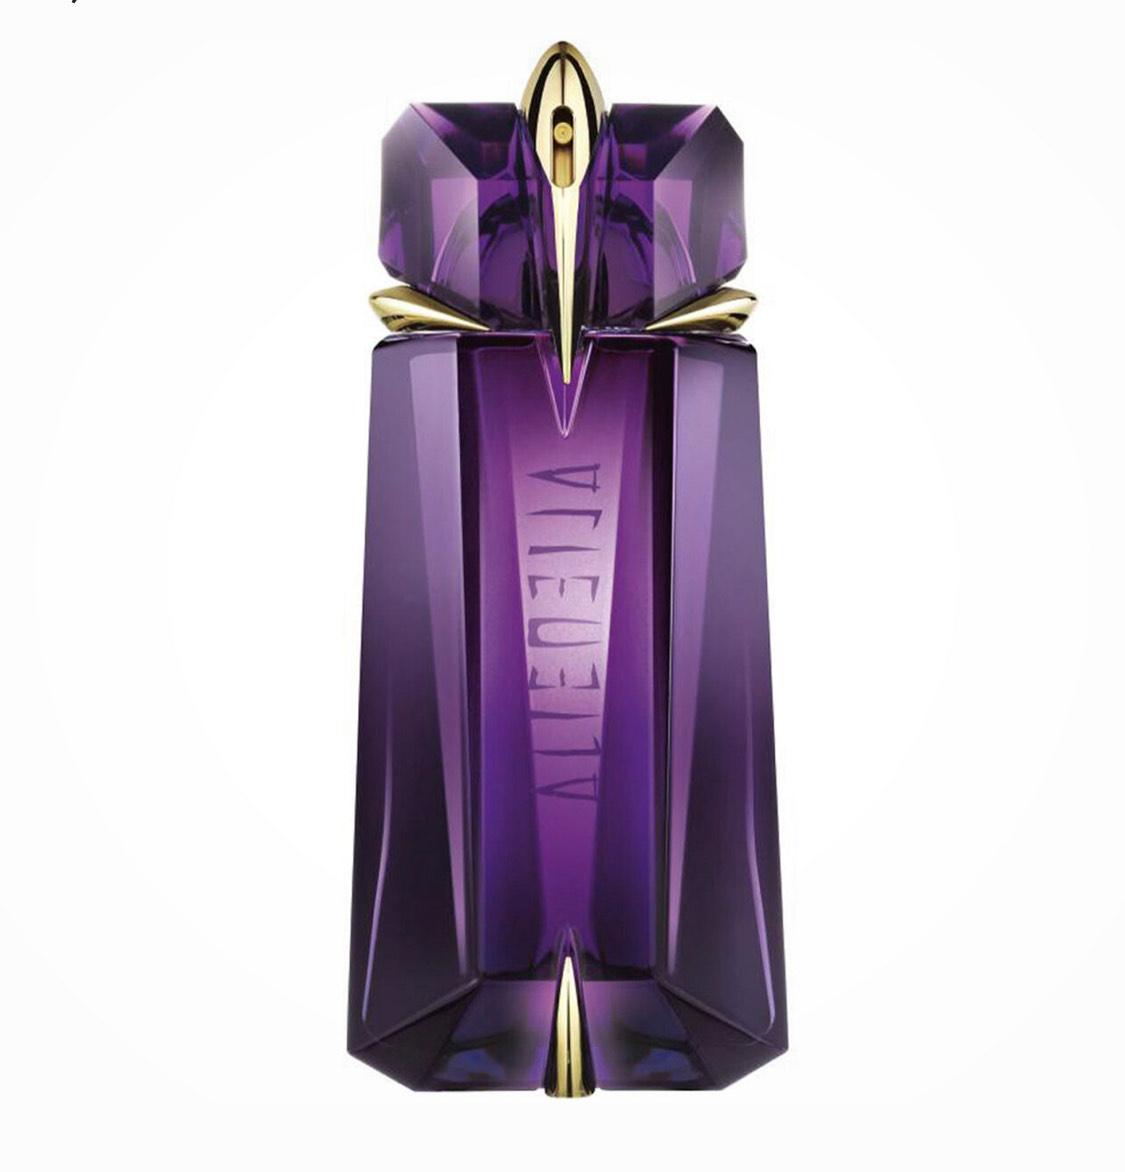 Mugler Alien, Eau de Parfum refillable (90ml)